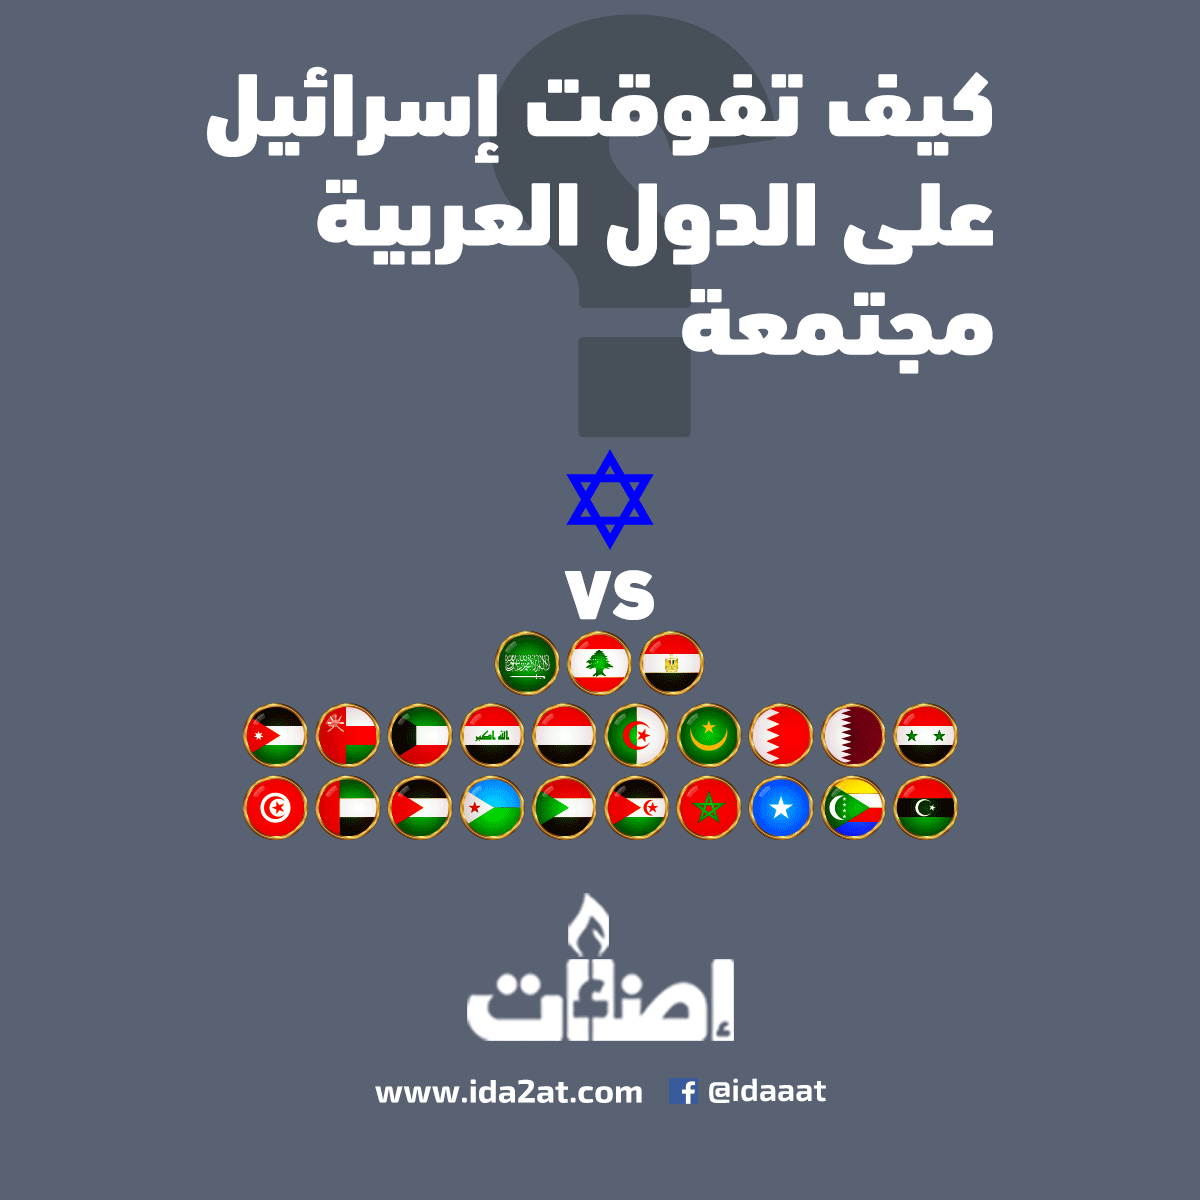 إسرائيل تتفوق على العرب، إنفو جرافيك